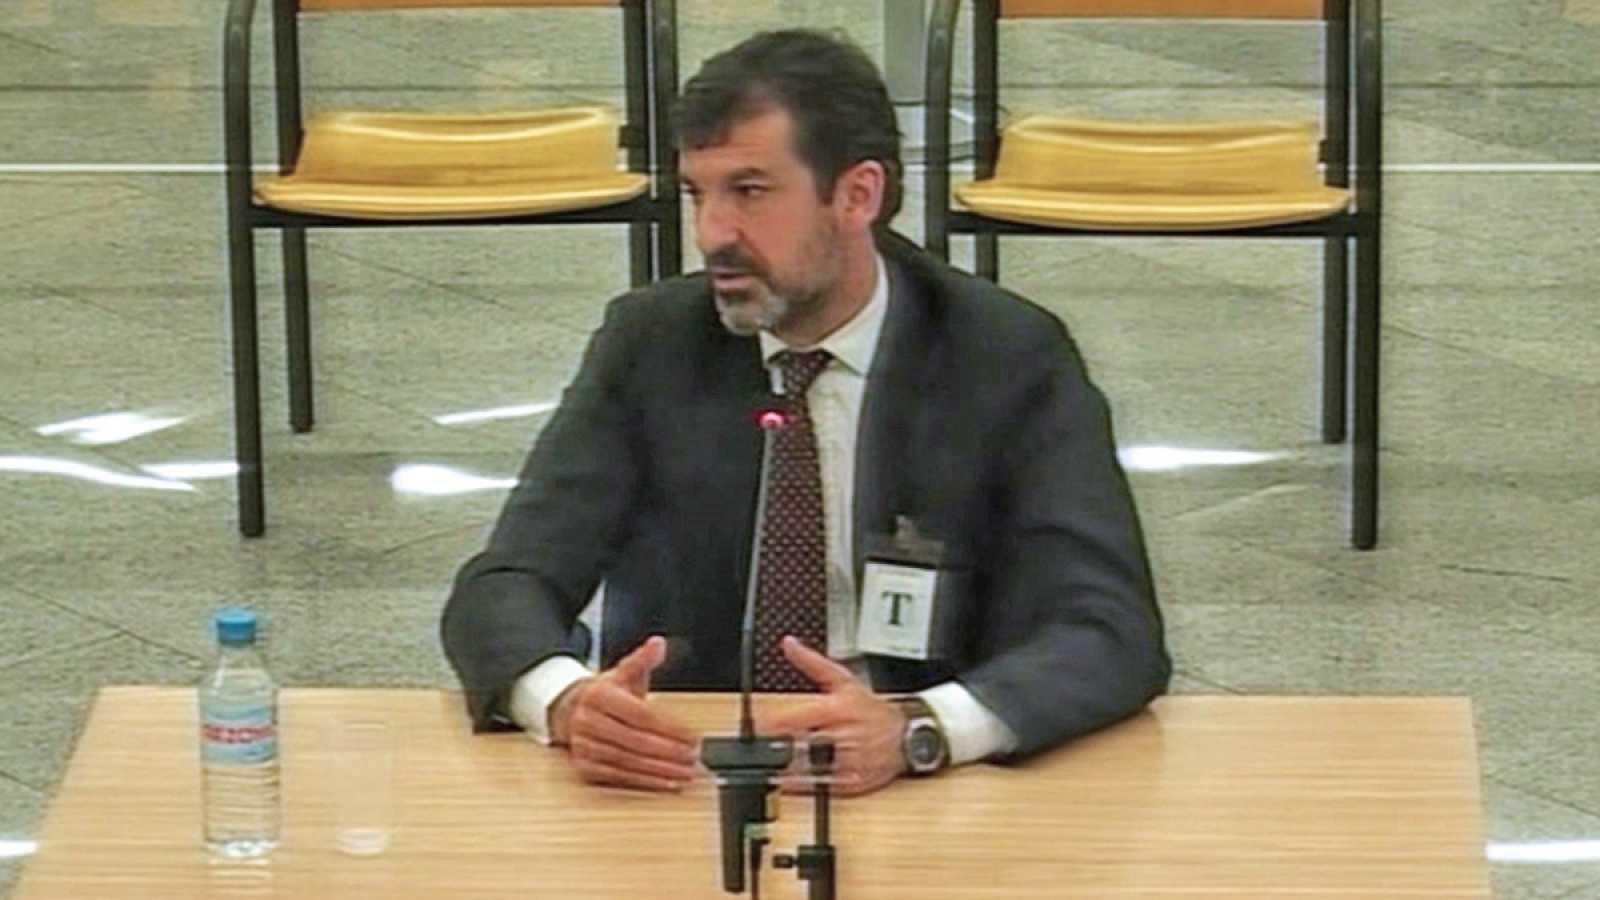 El comisario Ferran López declara en el juicio contra la cúpula de los Mossos